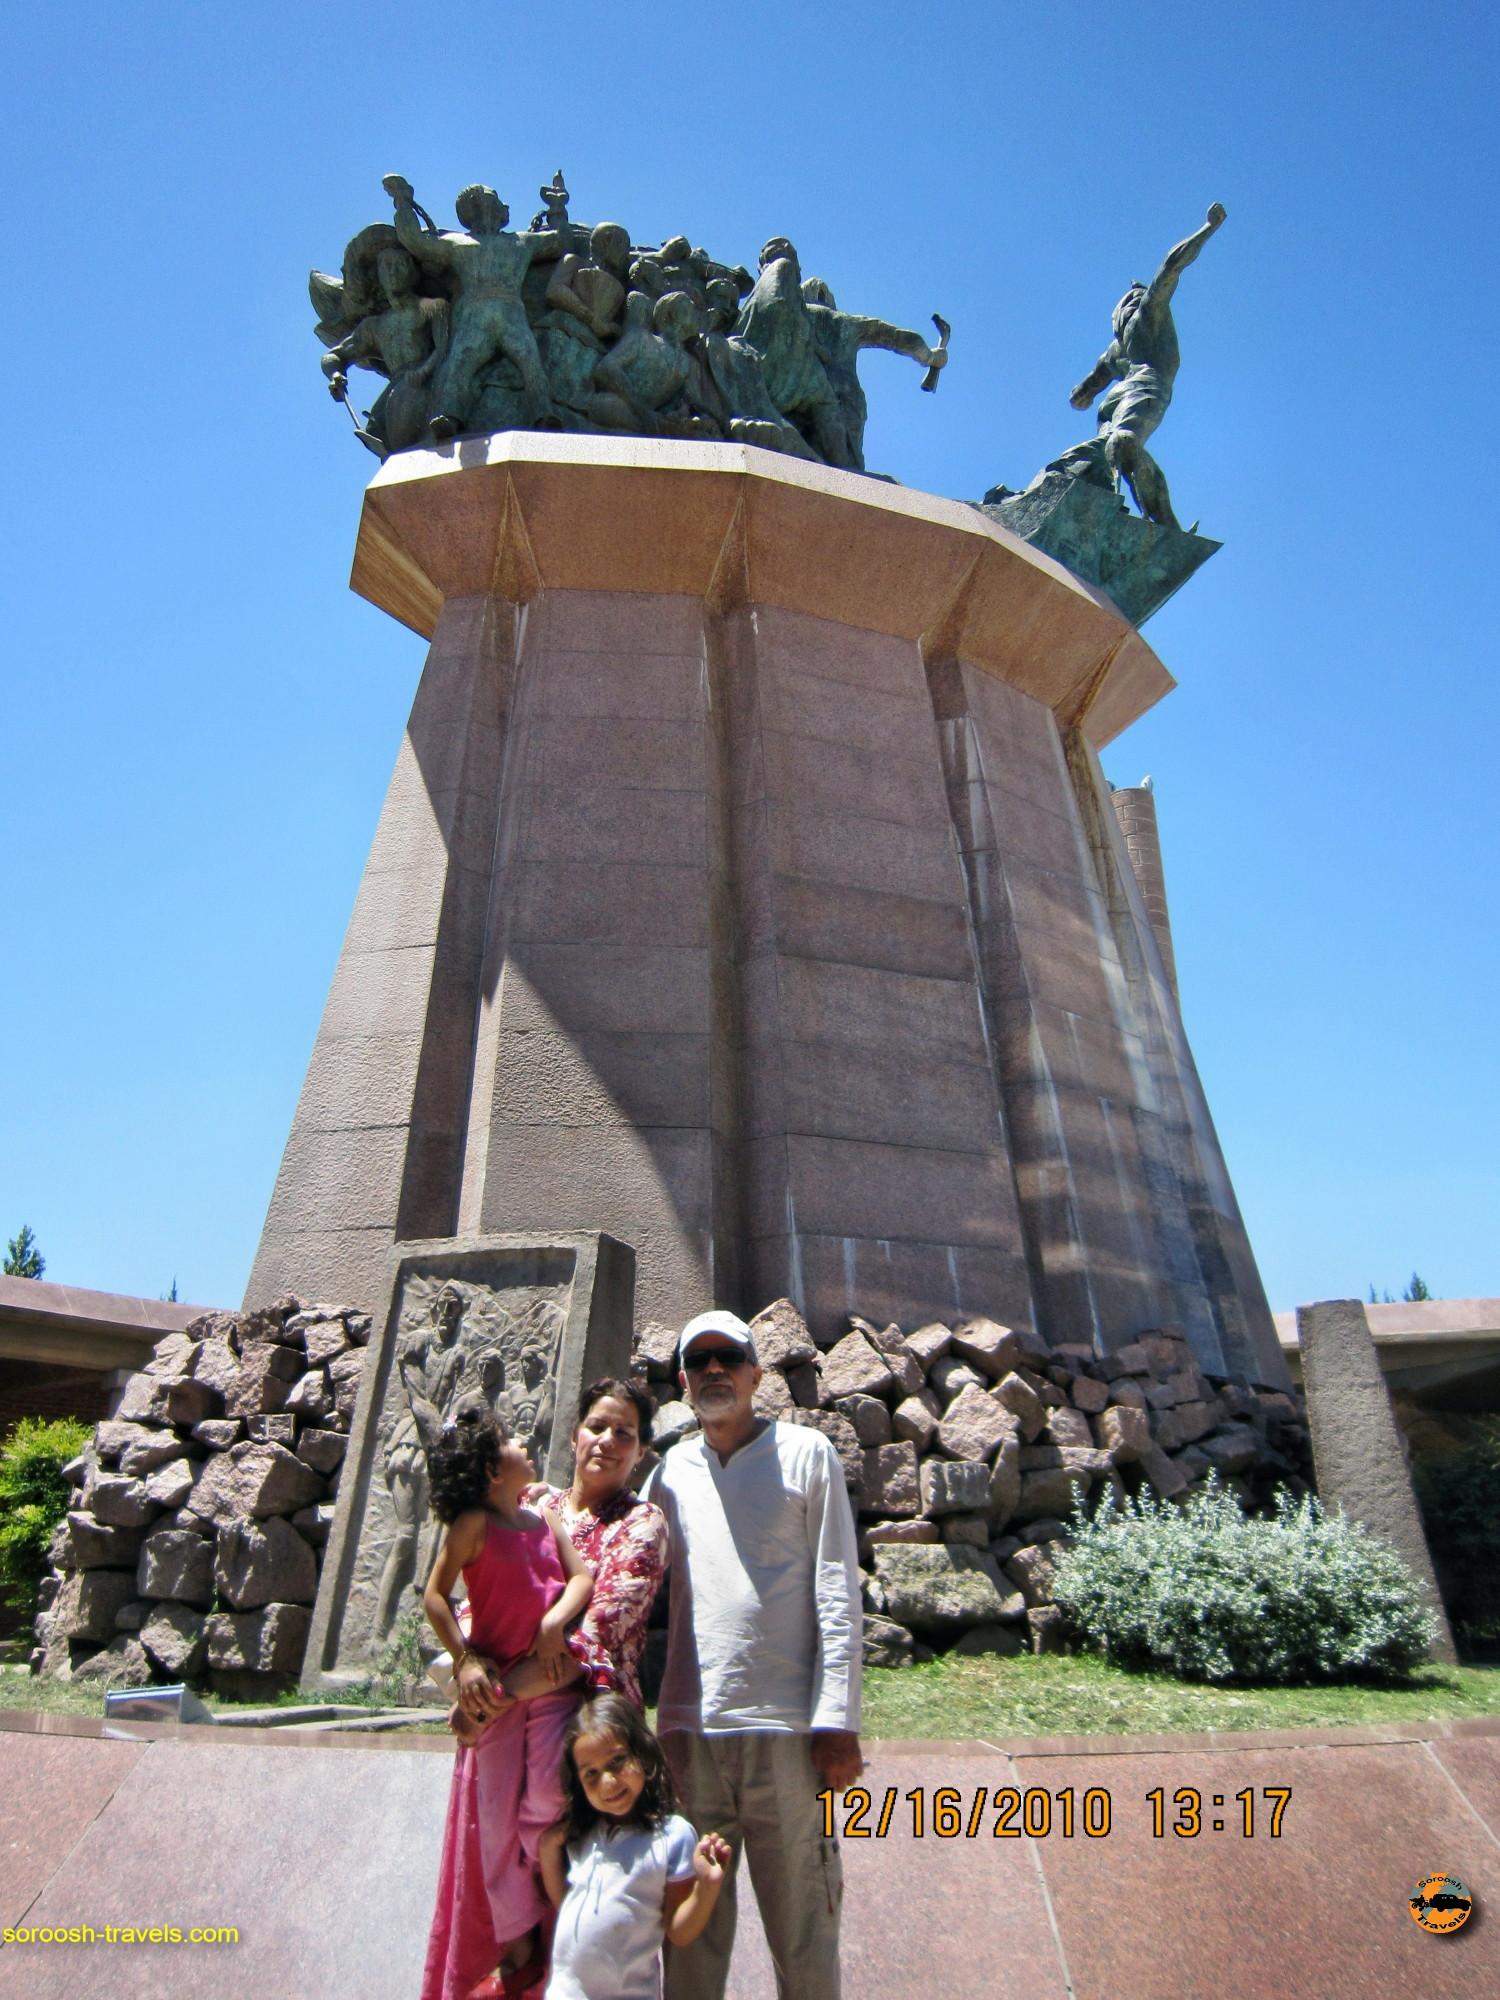 سفر به آرژانتین – سن لوئیس –  ۲۵ آذر ۱۳۸۹